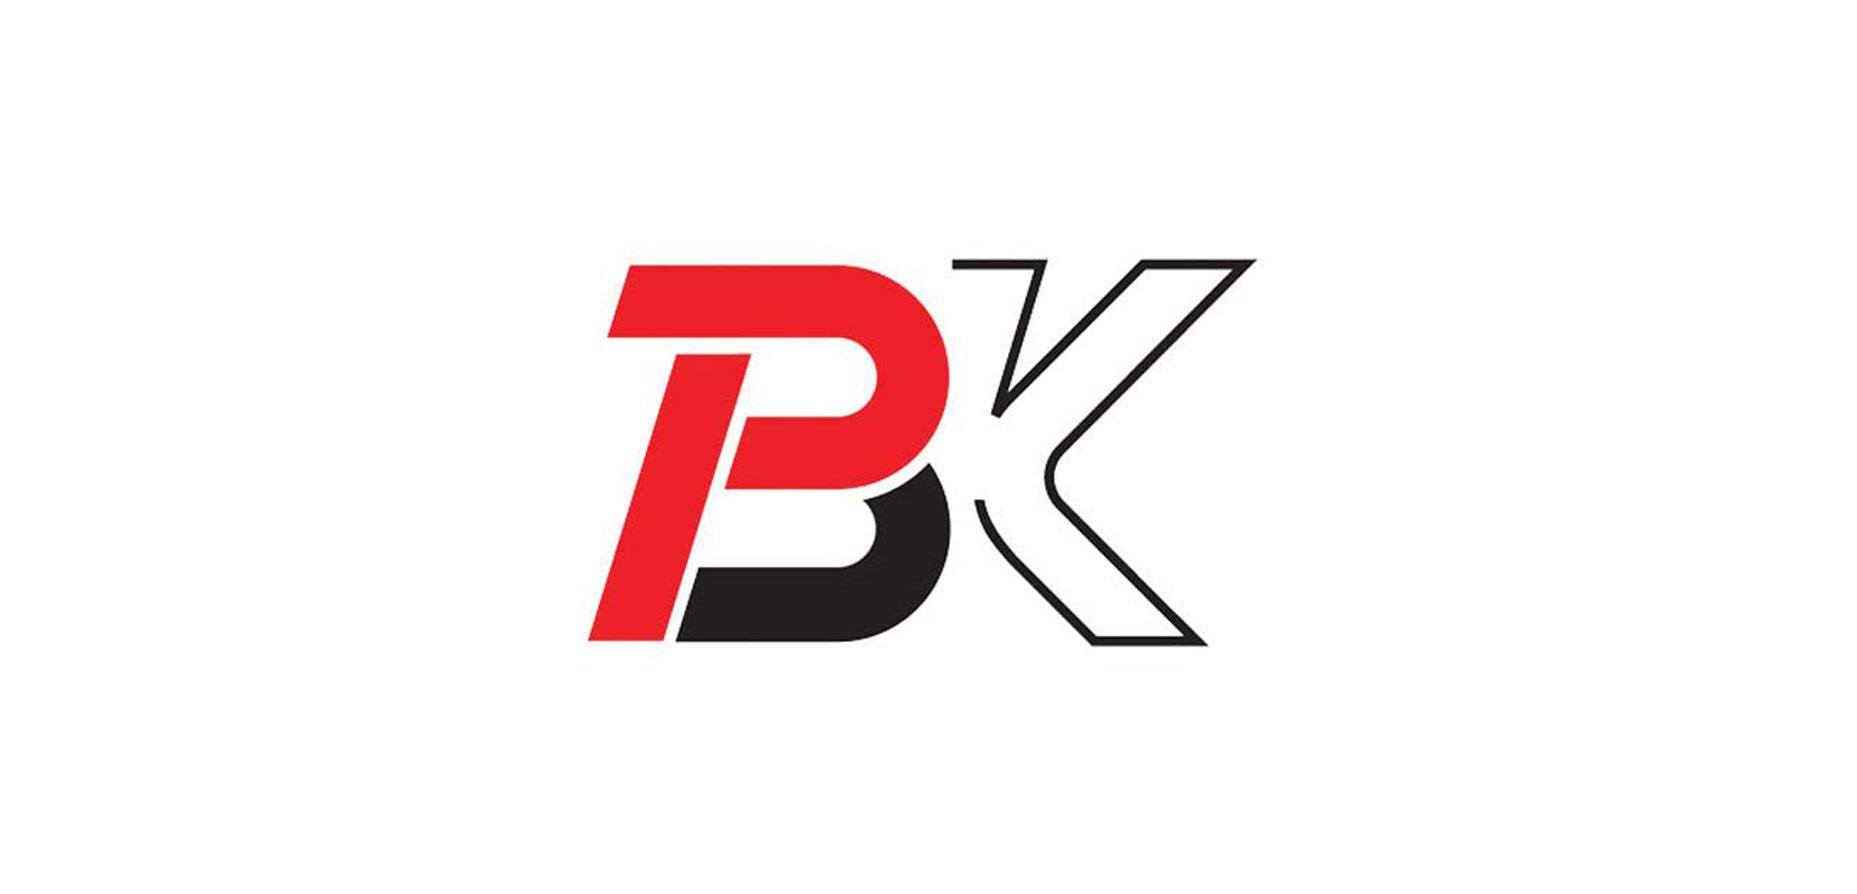 خدمات > طراحی گرافیک > طراحی لوگو و آرم | طراحی غرفه نمایشگاهیطراحی لوگو PBK